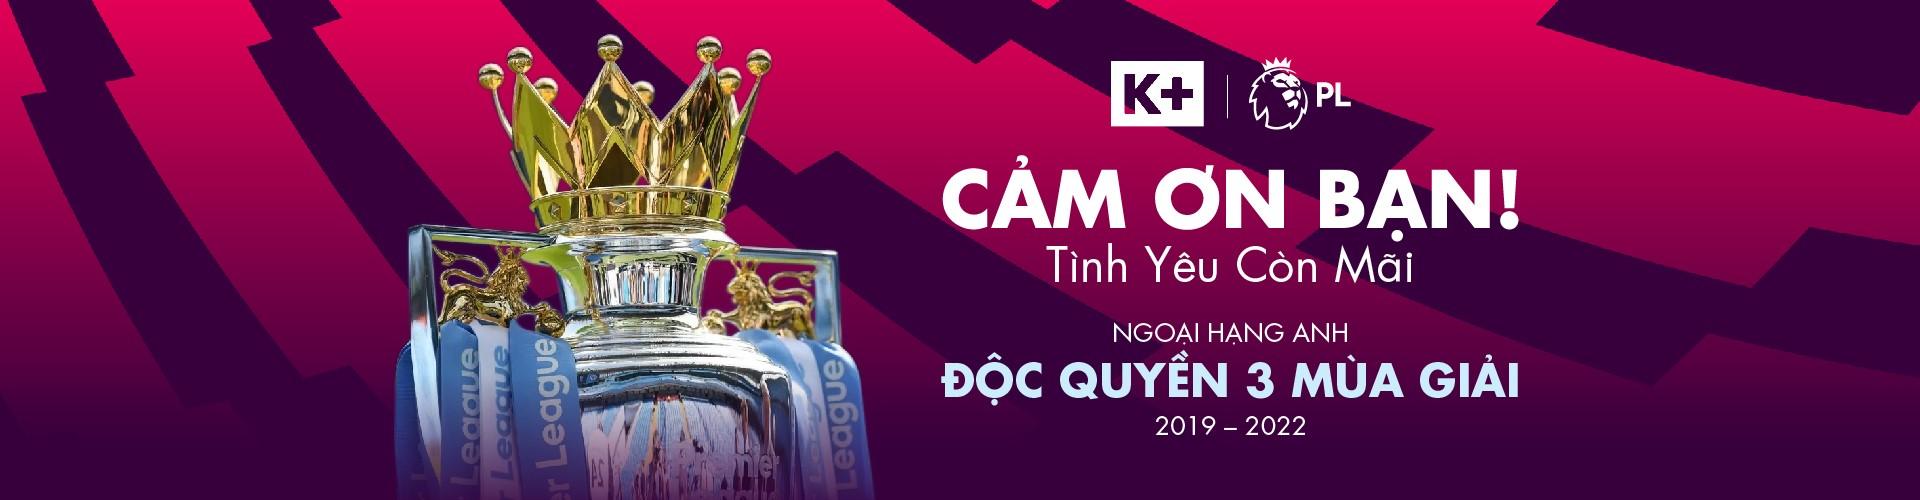 K+ trở thành đơn vị phát sóng độc quyền toàn bộ giải ngoại hạng anh tại Việt Nam trong 3 mùa giải ( 2019- 2022)